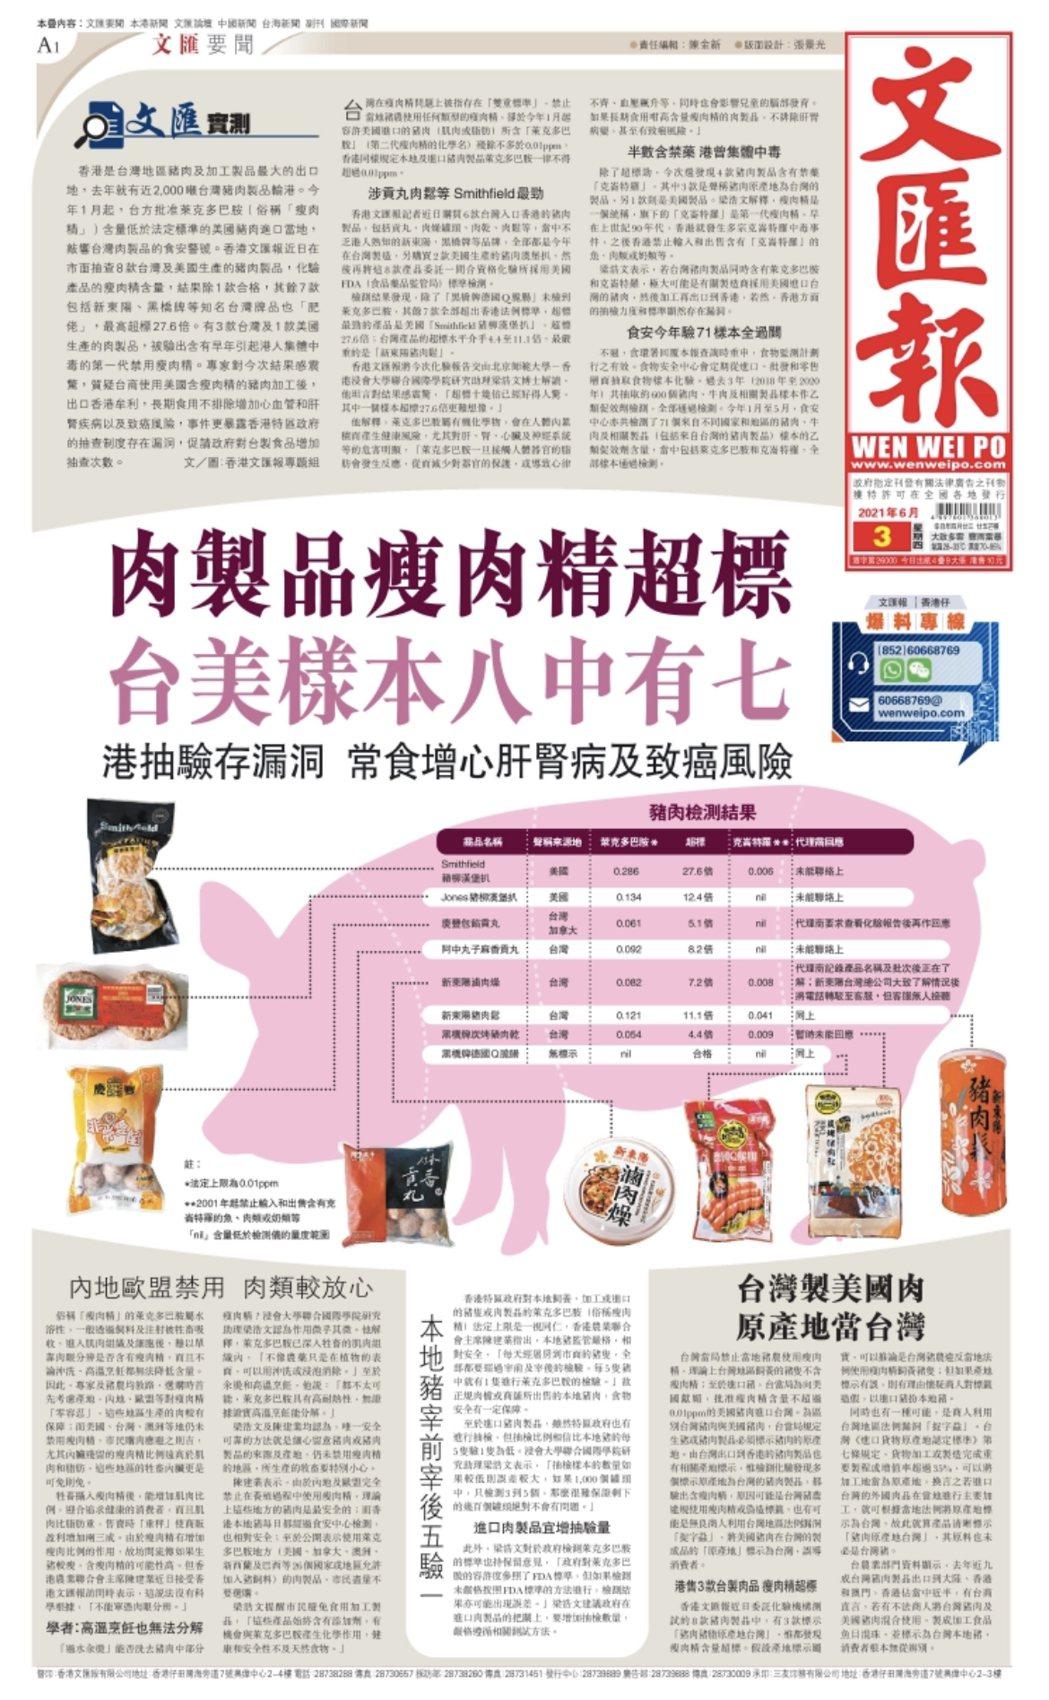 香港文匯報指出,台灣廠商可能將美國萊豬加工後再出口到香港,抑或透過走私銷往香港。...